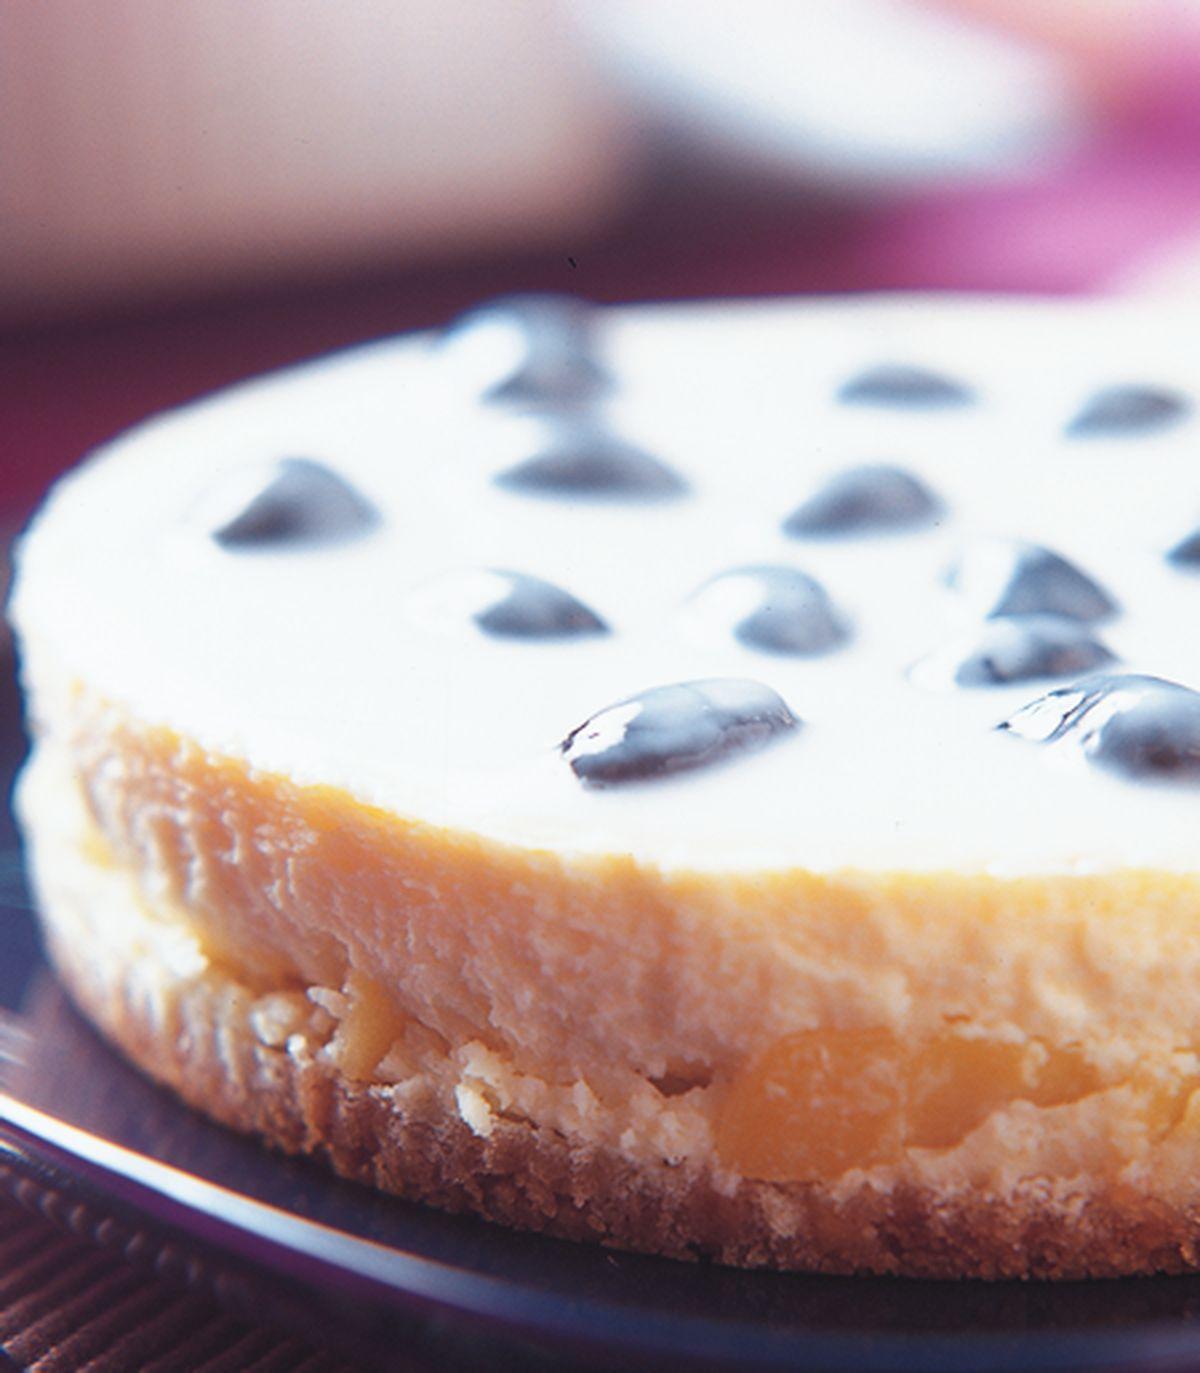 食譜:丹波黑豆乳酪蛋糕